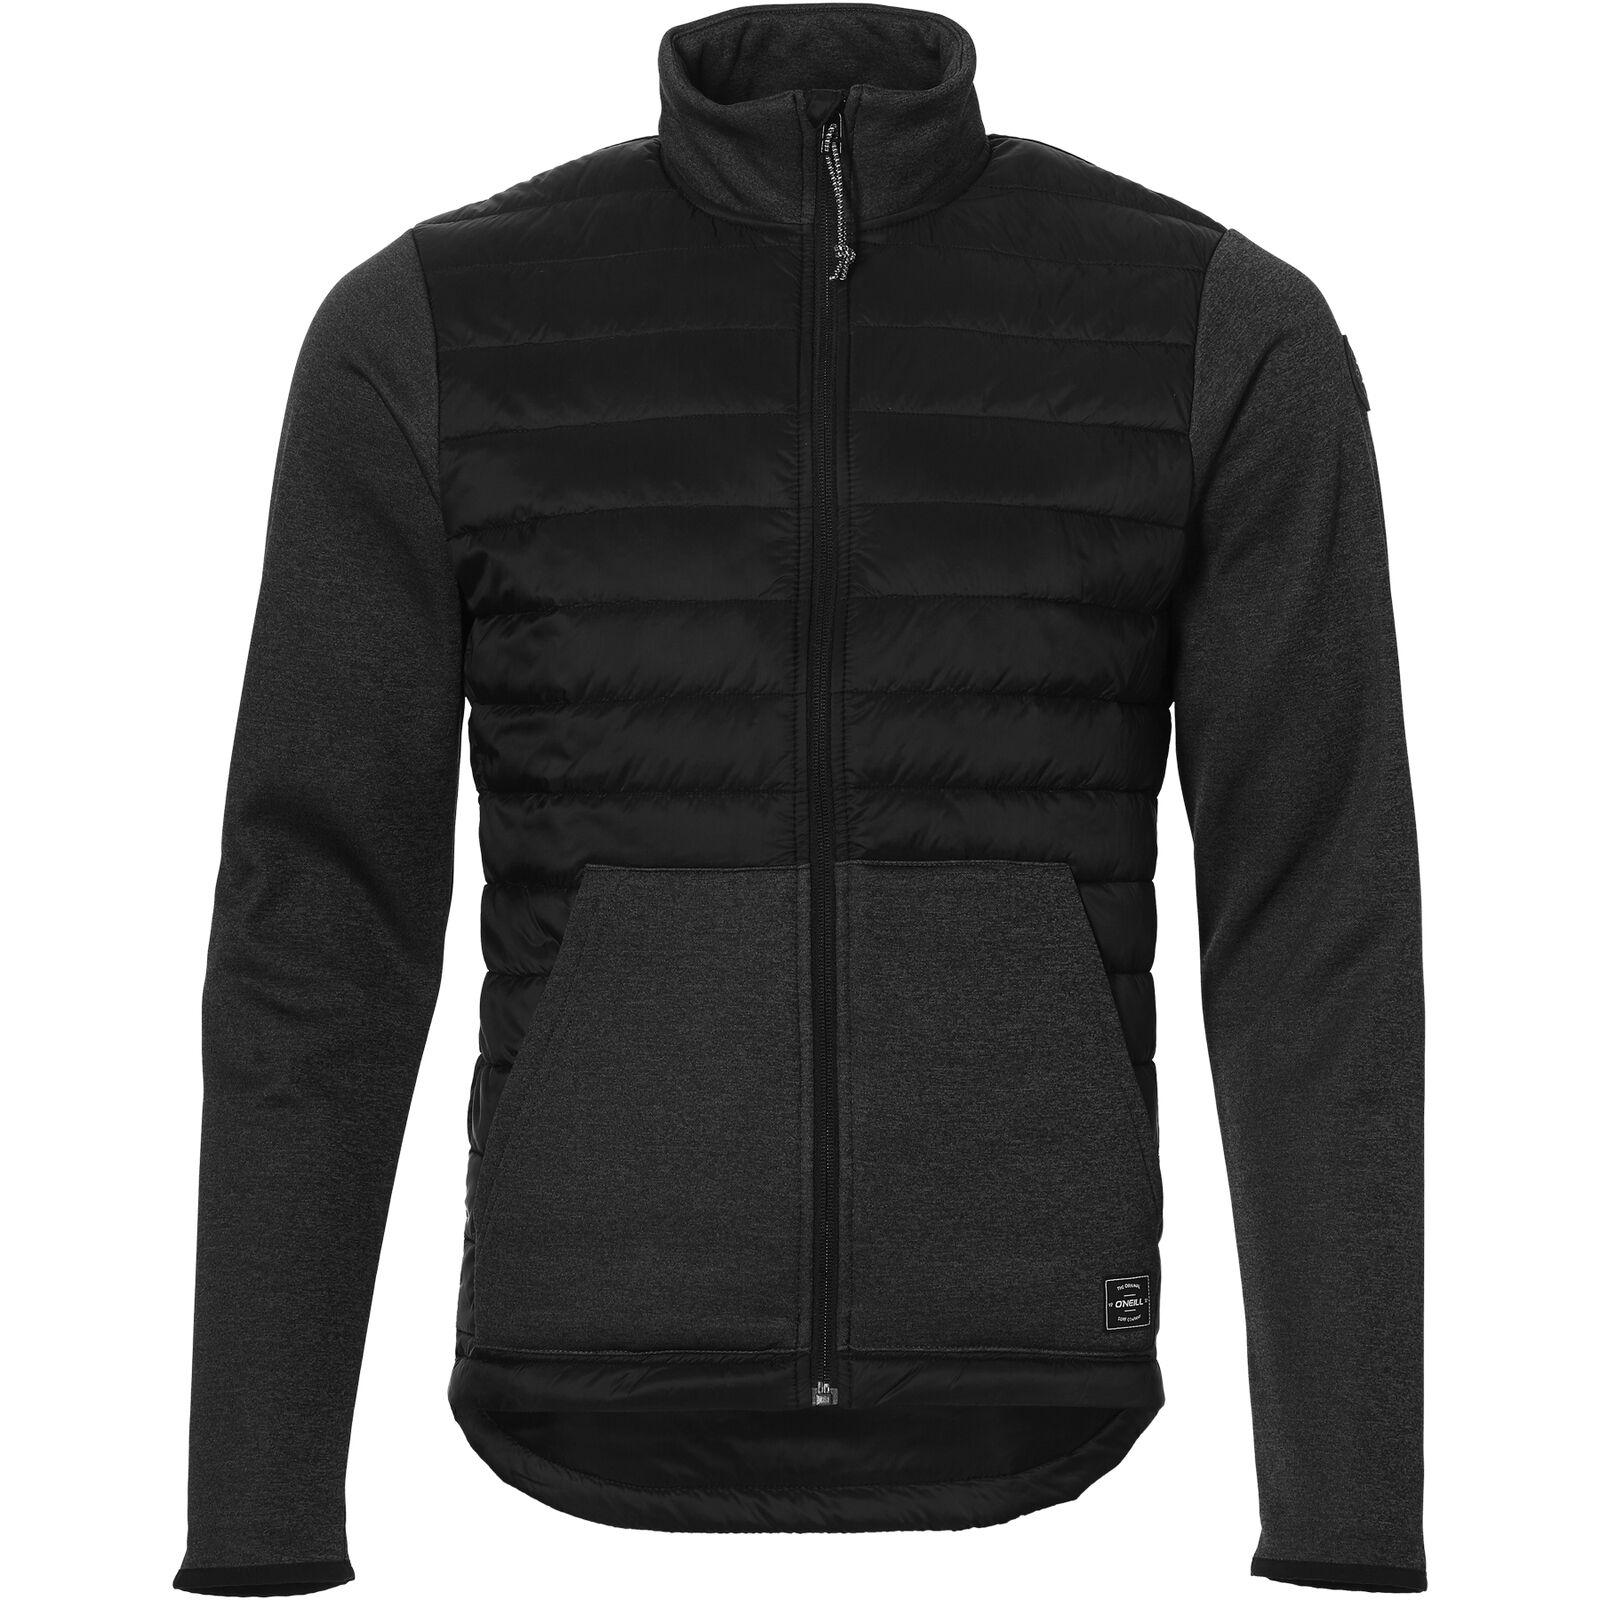 O 'Neill Pinewood chaqueta pm X-Kinetic full ZIP  negro transpirable  Venta al por mayor barato y de alta calidad.